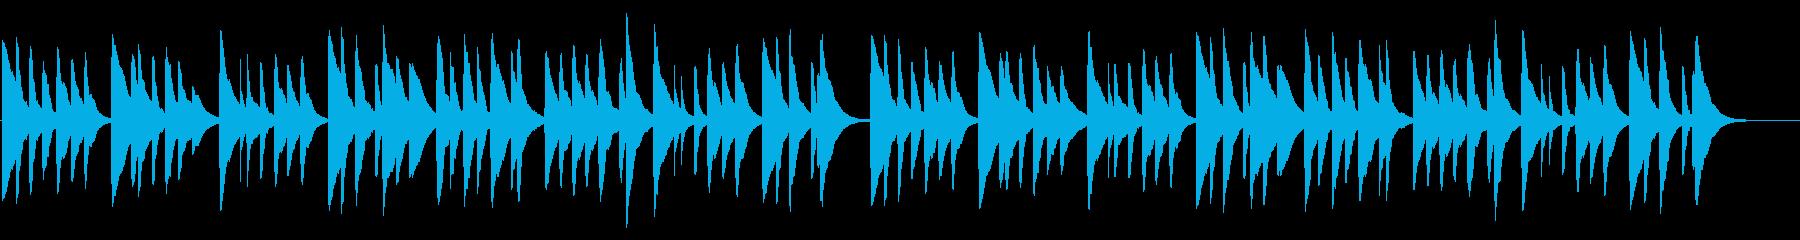 妹背をちぎる 18弁オルゴール の再生済みの波形